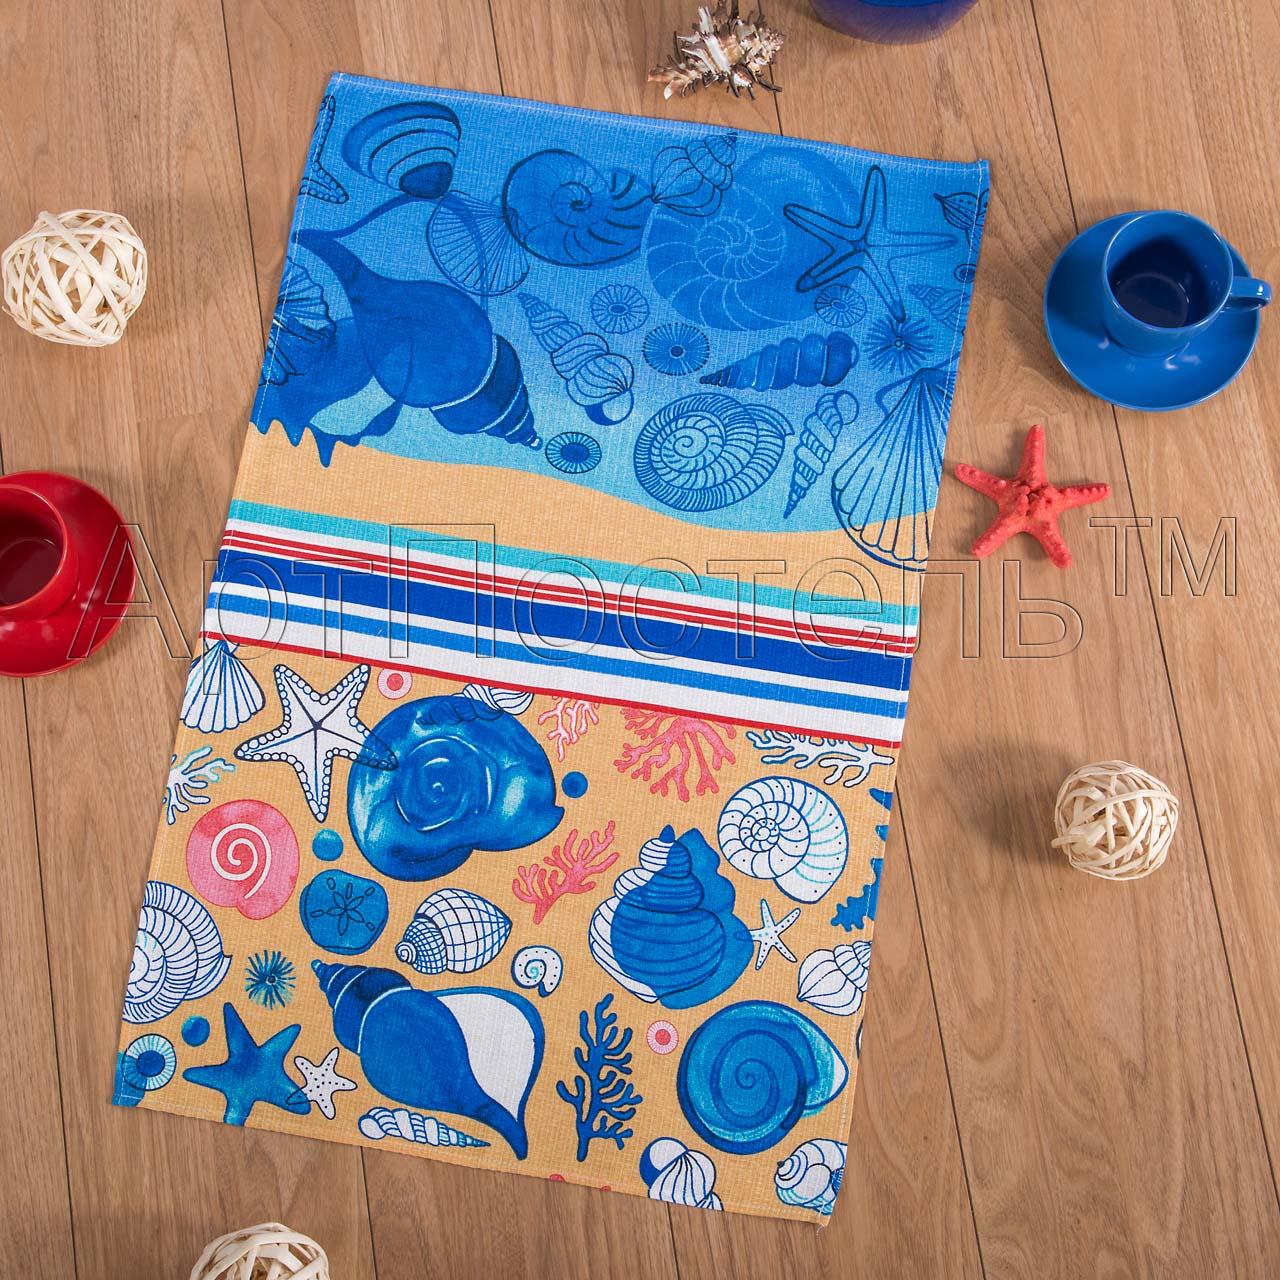 Вафельное полотенце Пляж р. 50х70Вафельные полотенца<br>Плотность: 160 г/кв. м<br><br>Тип: Вафельное полотенце<br>Размер: 50х70<br>Материал: Вафельное полотно